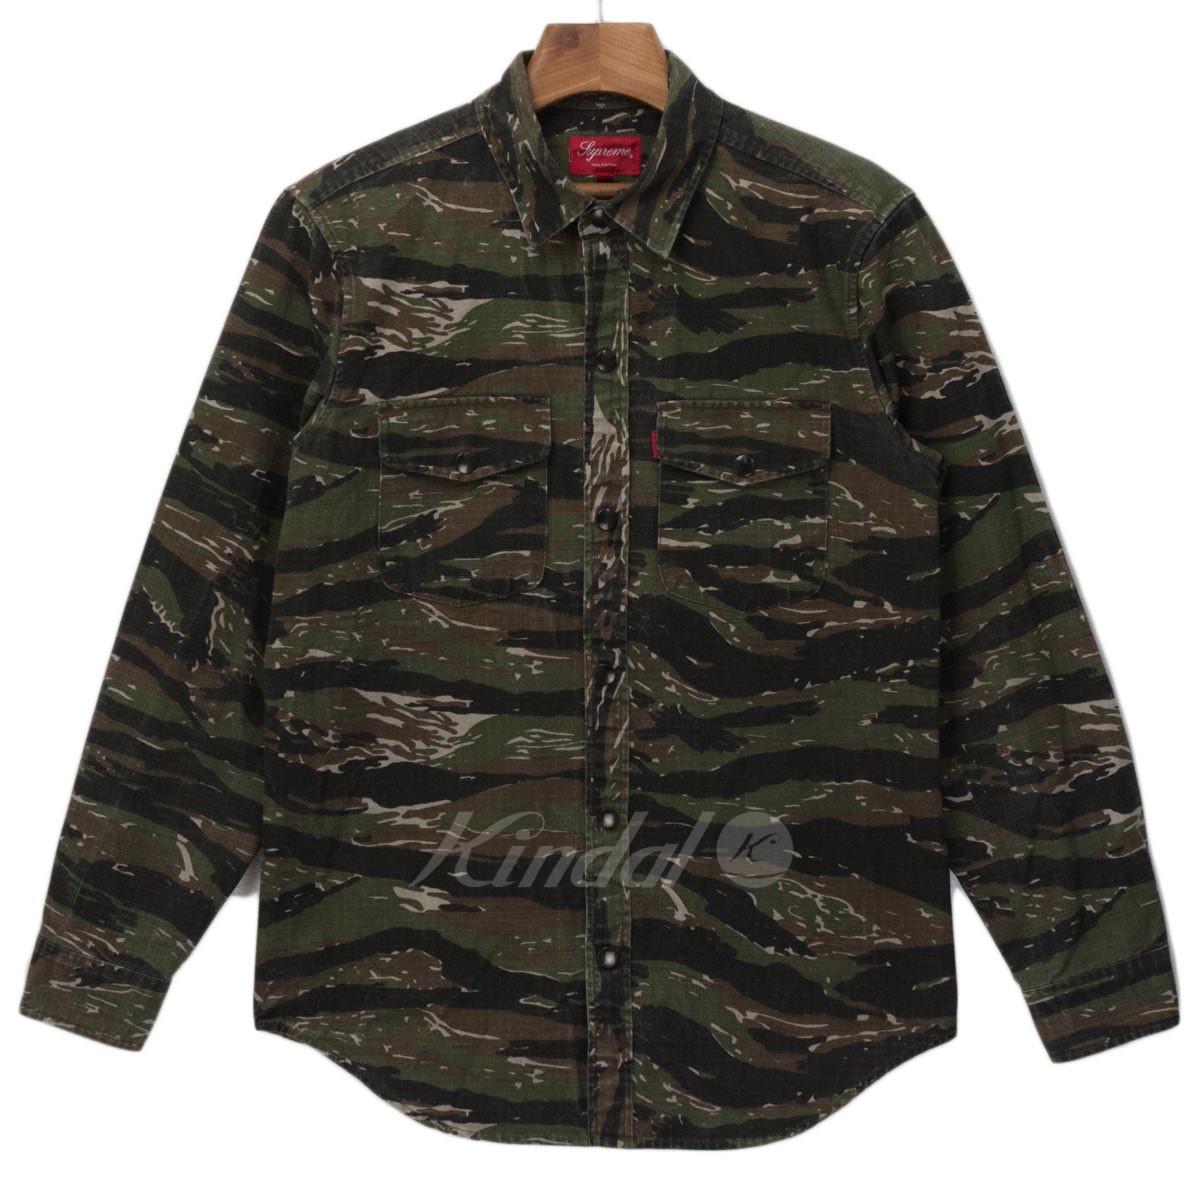 【中古】SUPREME カモフラージュ シャツジャケット 【送料無料】 【013468】 【KIND1550】